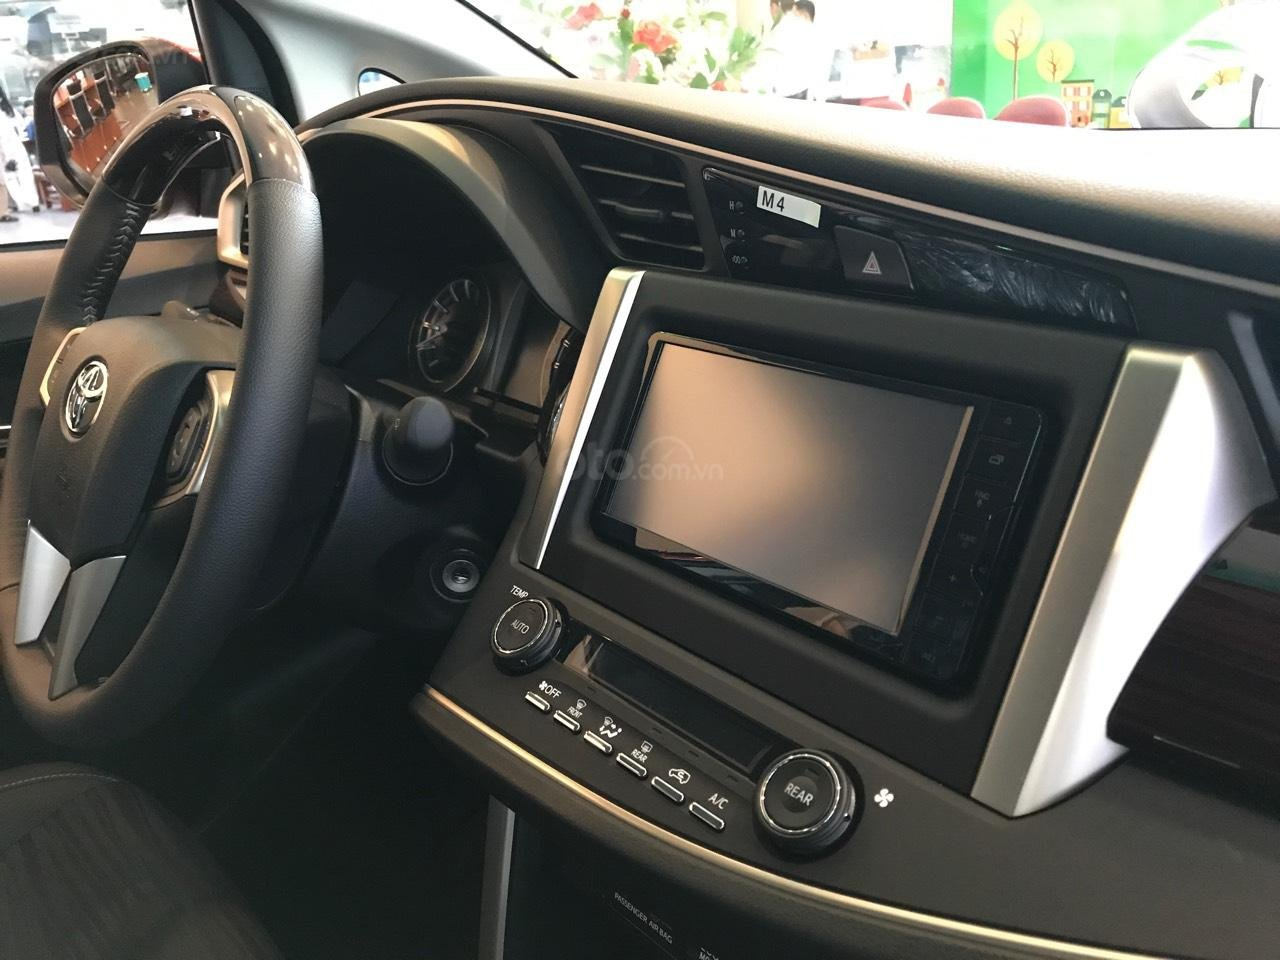 """Toyota Tân Cảng- Ưu đãi xe Innova 2.0 Venturer """"Duy nhất trong tuần giảm 30tr tiền mặt, tặng thêm phụ kiện""""-0933000600-3"""